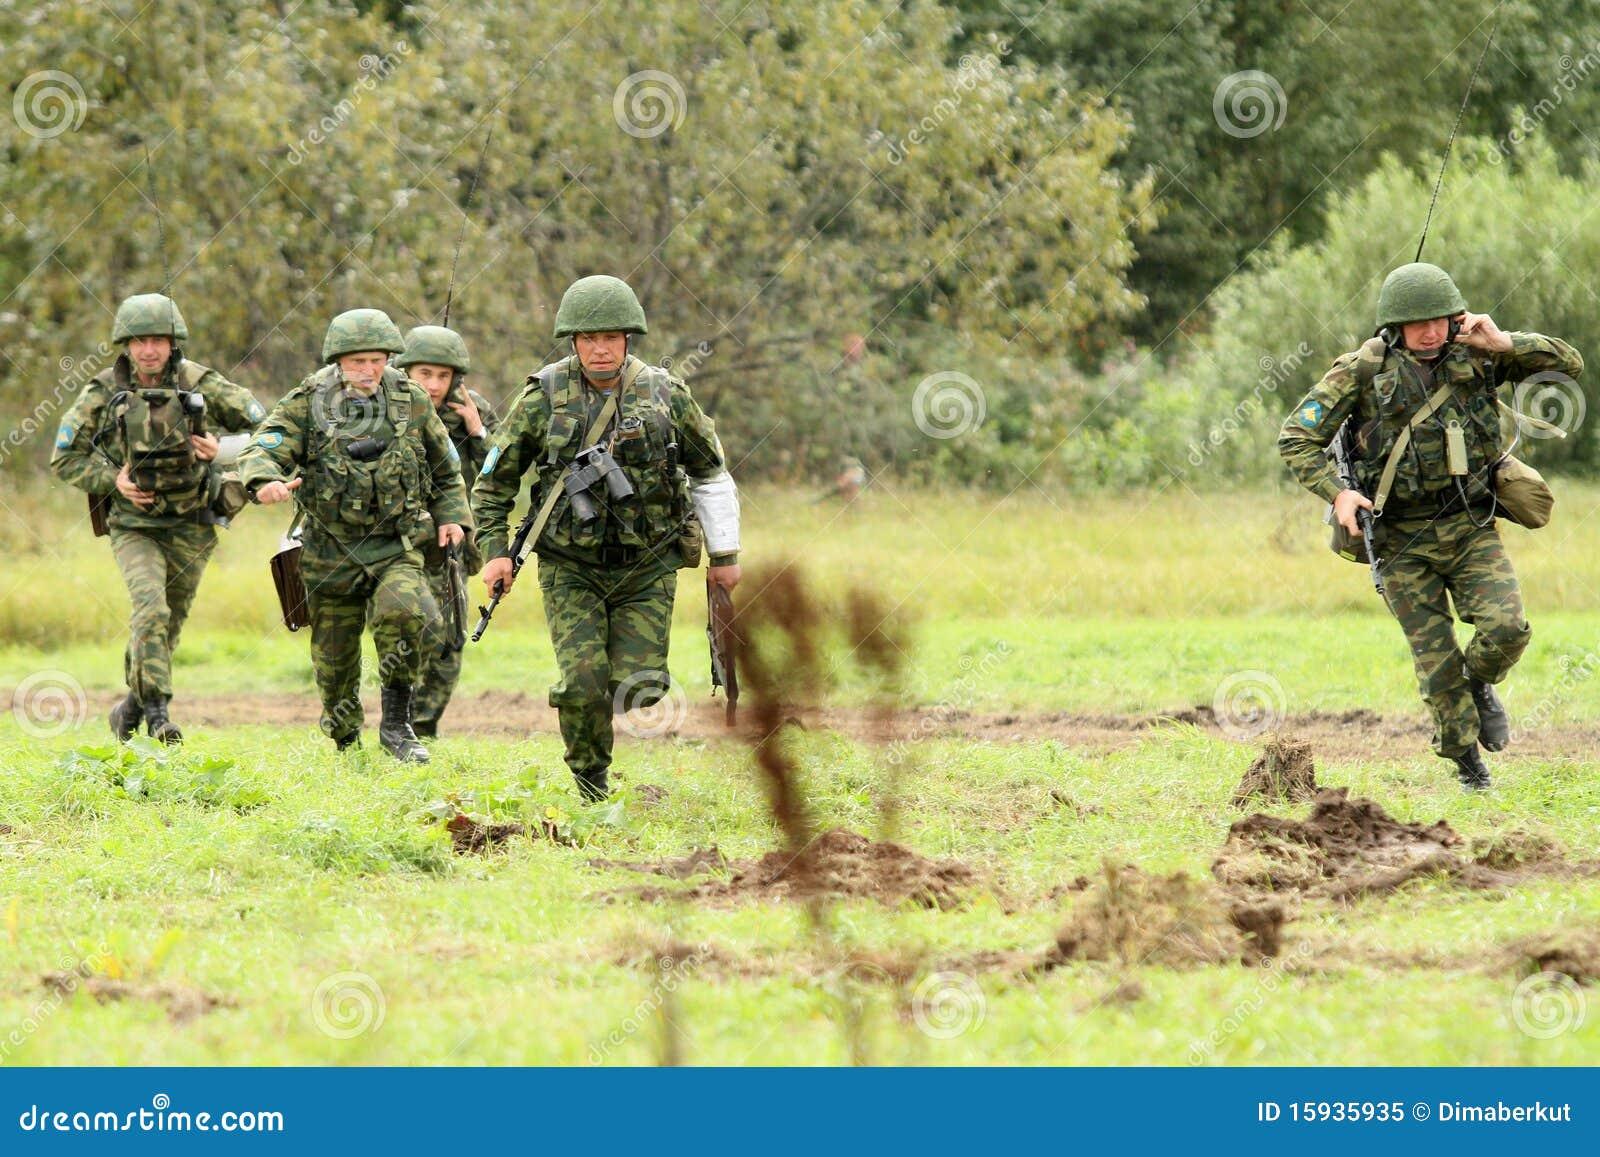 Divisão aerotransportada dos exercícios de borne de comando em Rússia